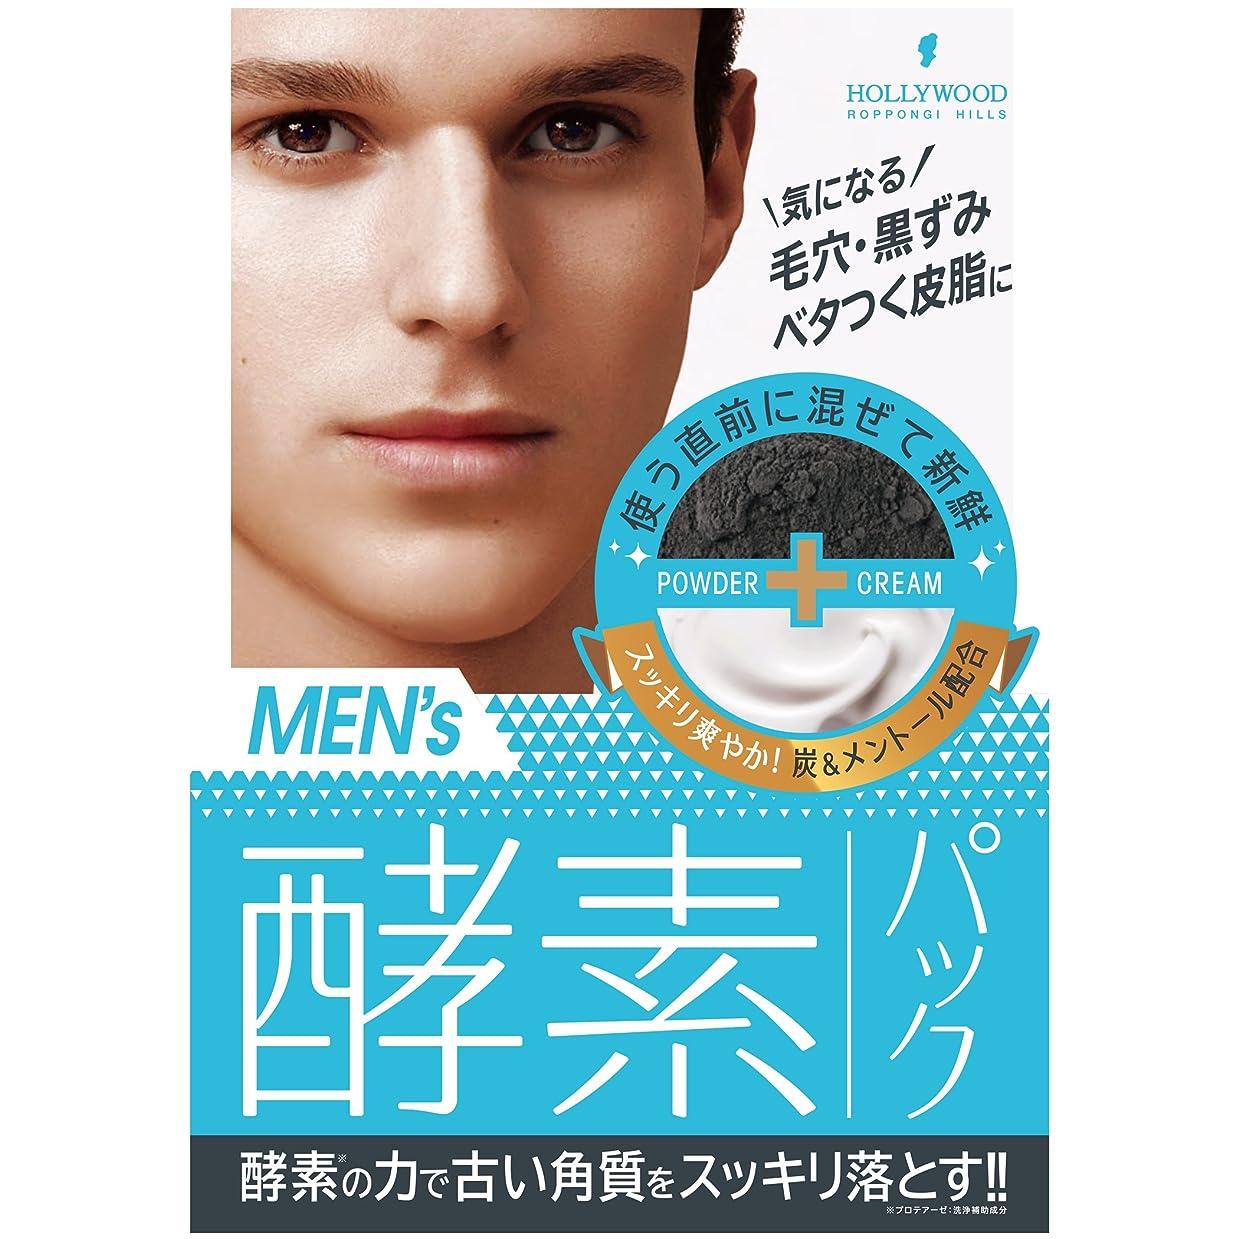 原油違反肉腫オーキッド ピックアップマスク メンズ (1回分)